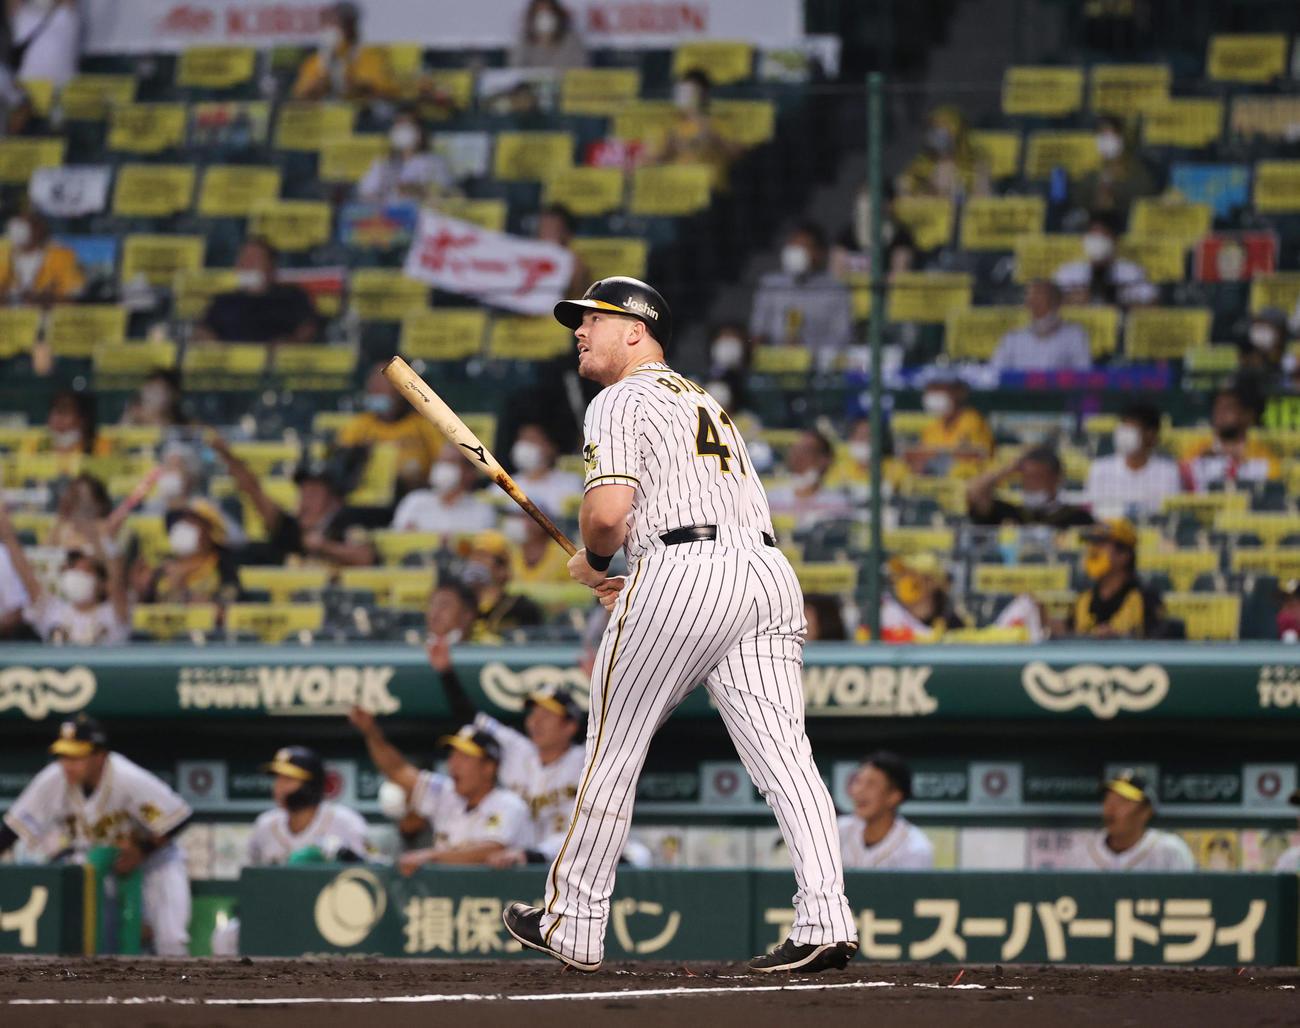 阪神対DeNA 2回裏阪神無死二塁、左中間へ先制2点本塁打を放つジャスティン・ボーア(撮影・清水貴仁)